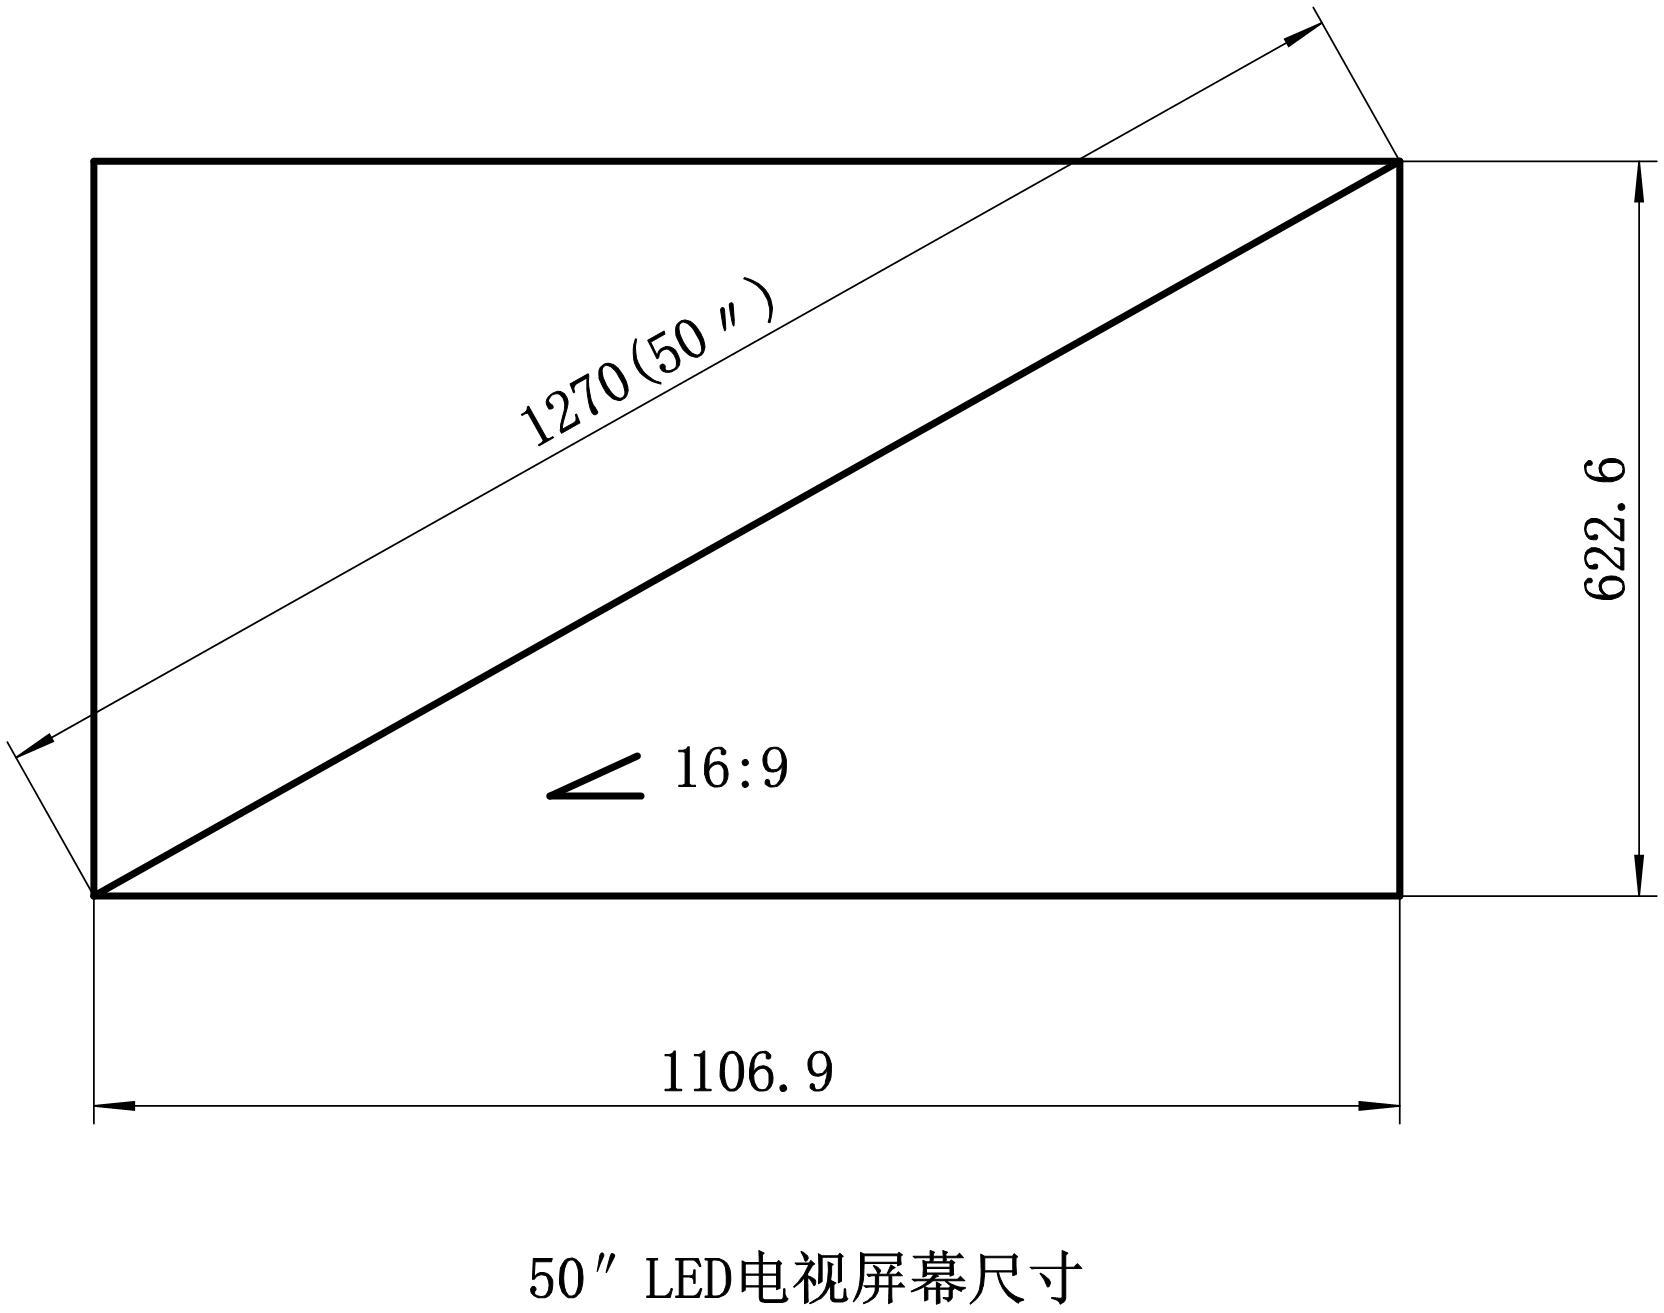 电视液晶屏尺寸如何选择 液晶屏尺寸实例